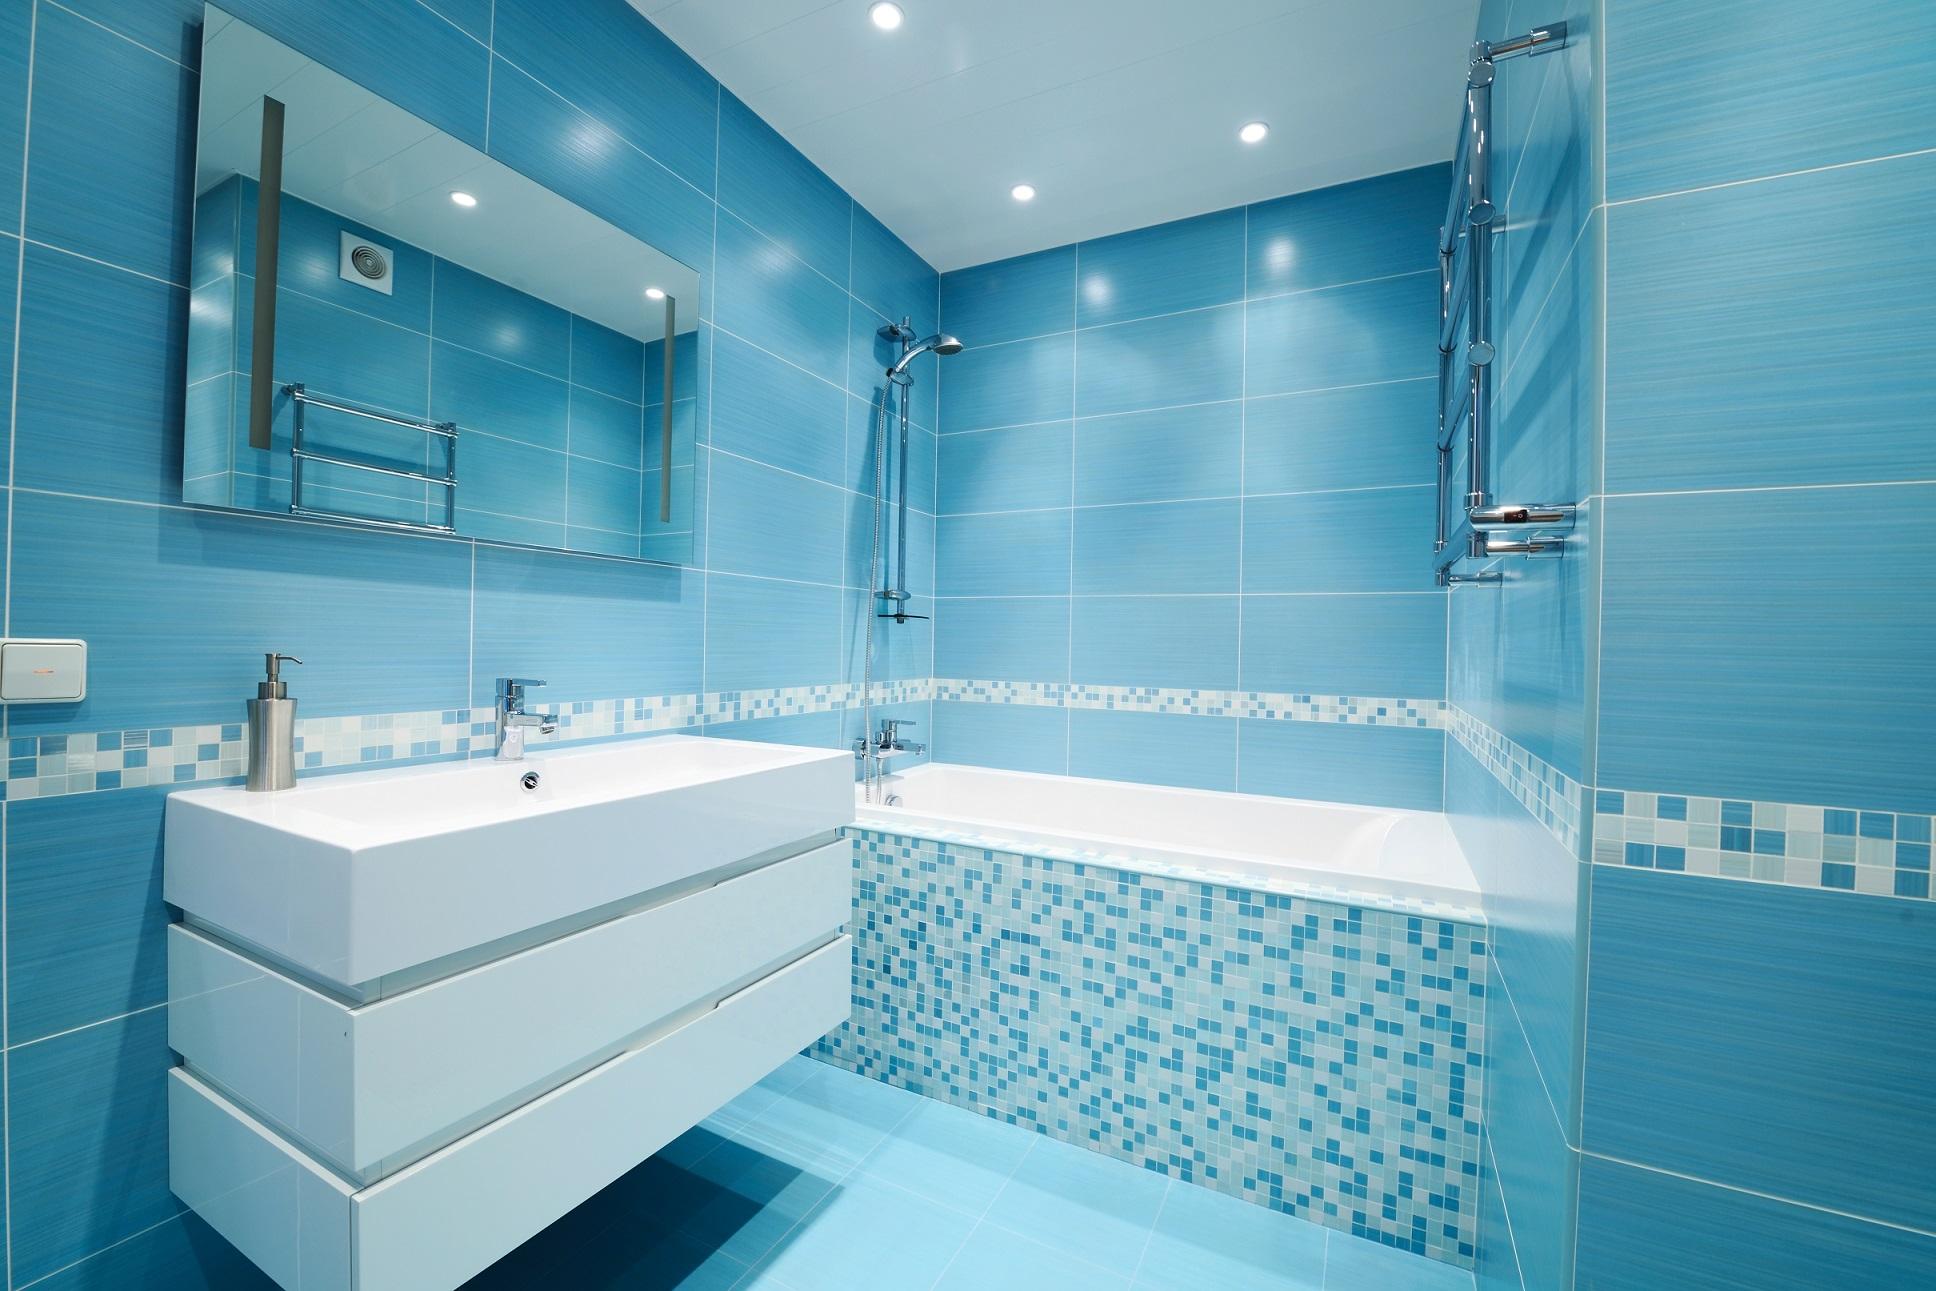 Какой потолок использовать в ванной комнате